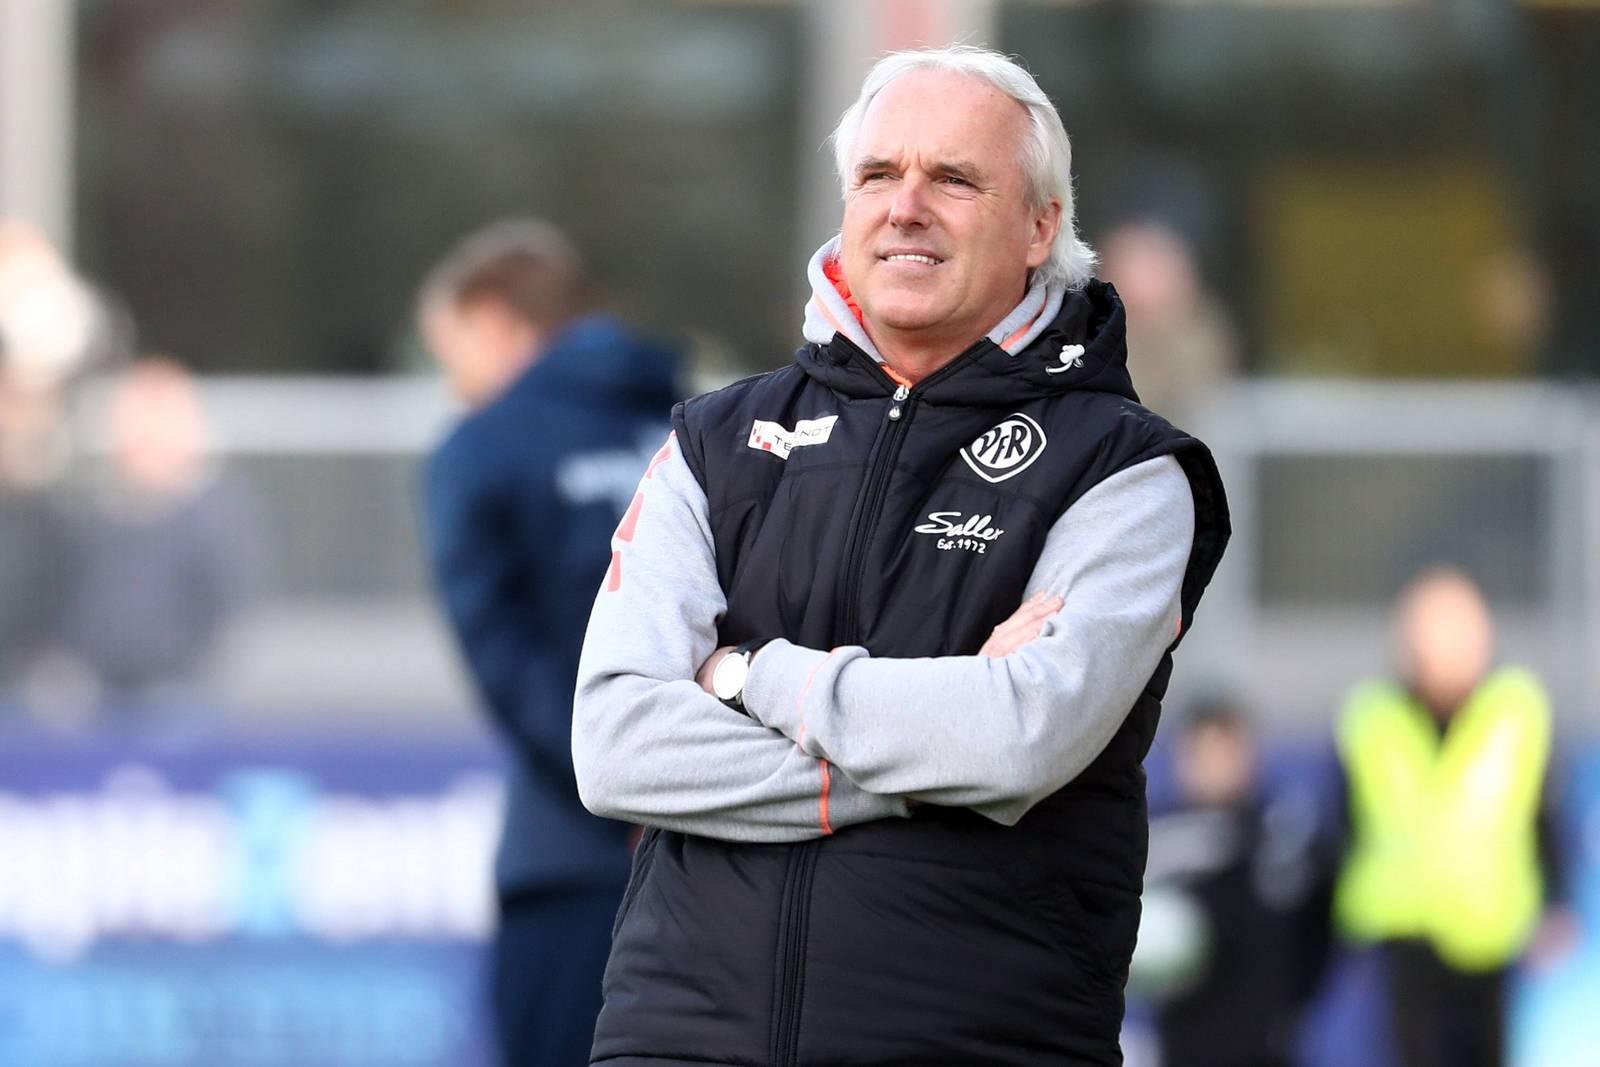 Will weiter in Liga drei arbeiten: Aalens Trainer Peter Vollmann